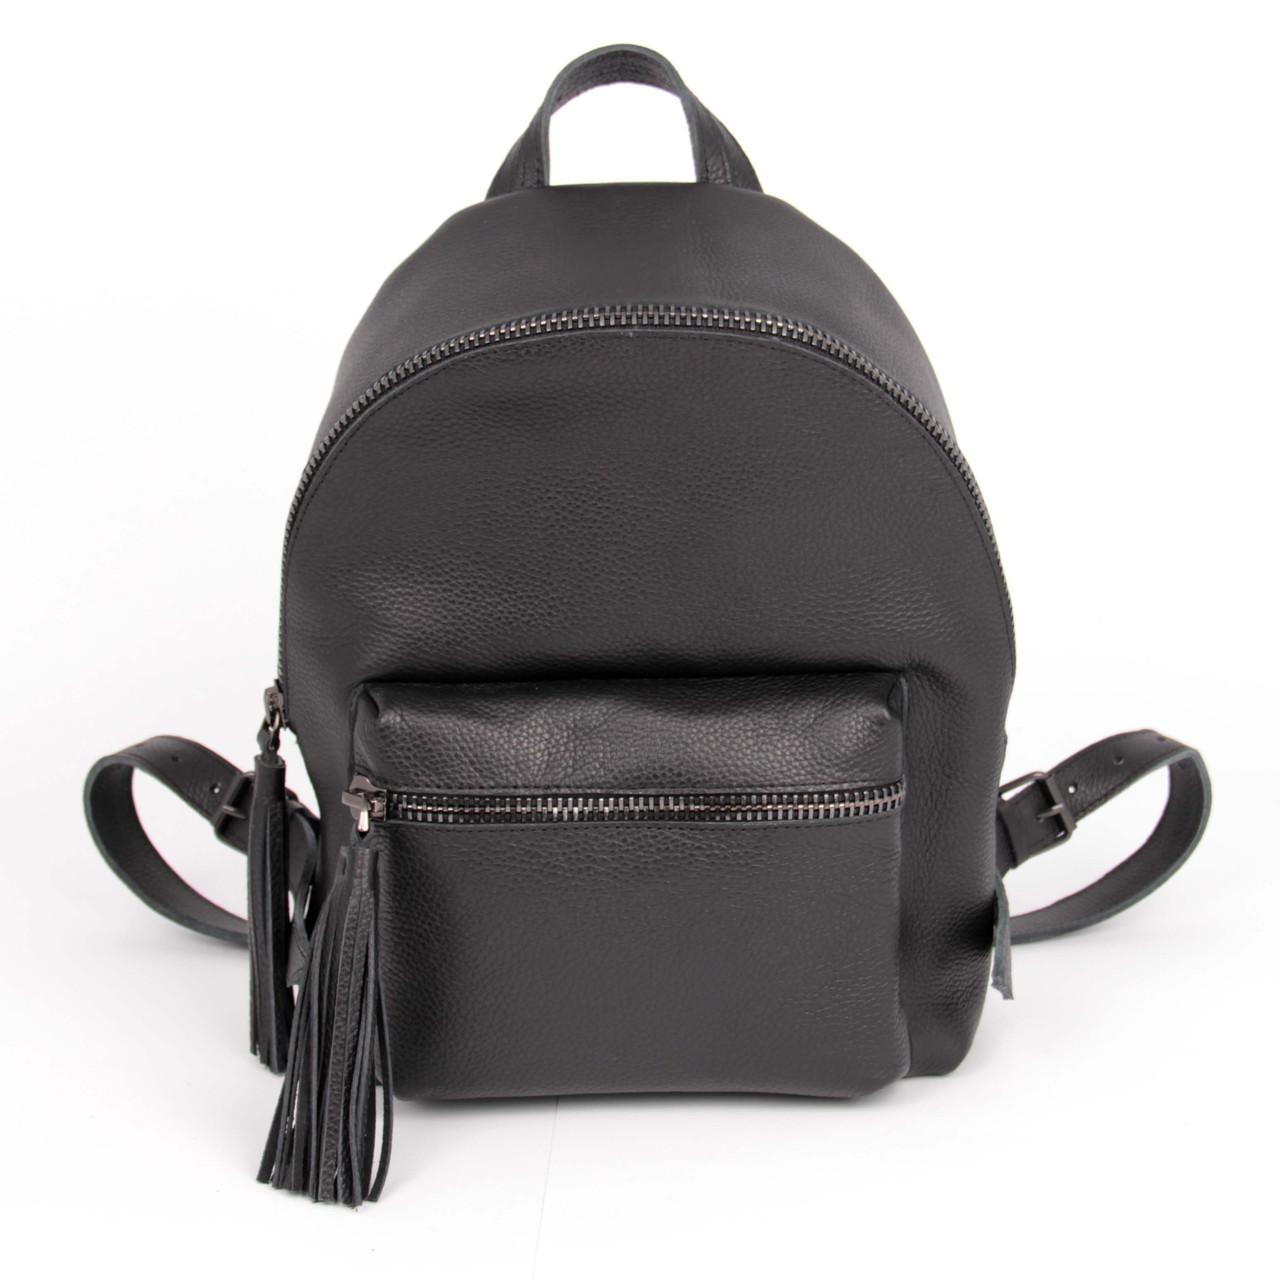 Интернет магазин киев рюкзаки медведково сумки рюкзаки